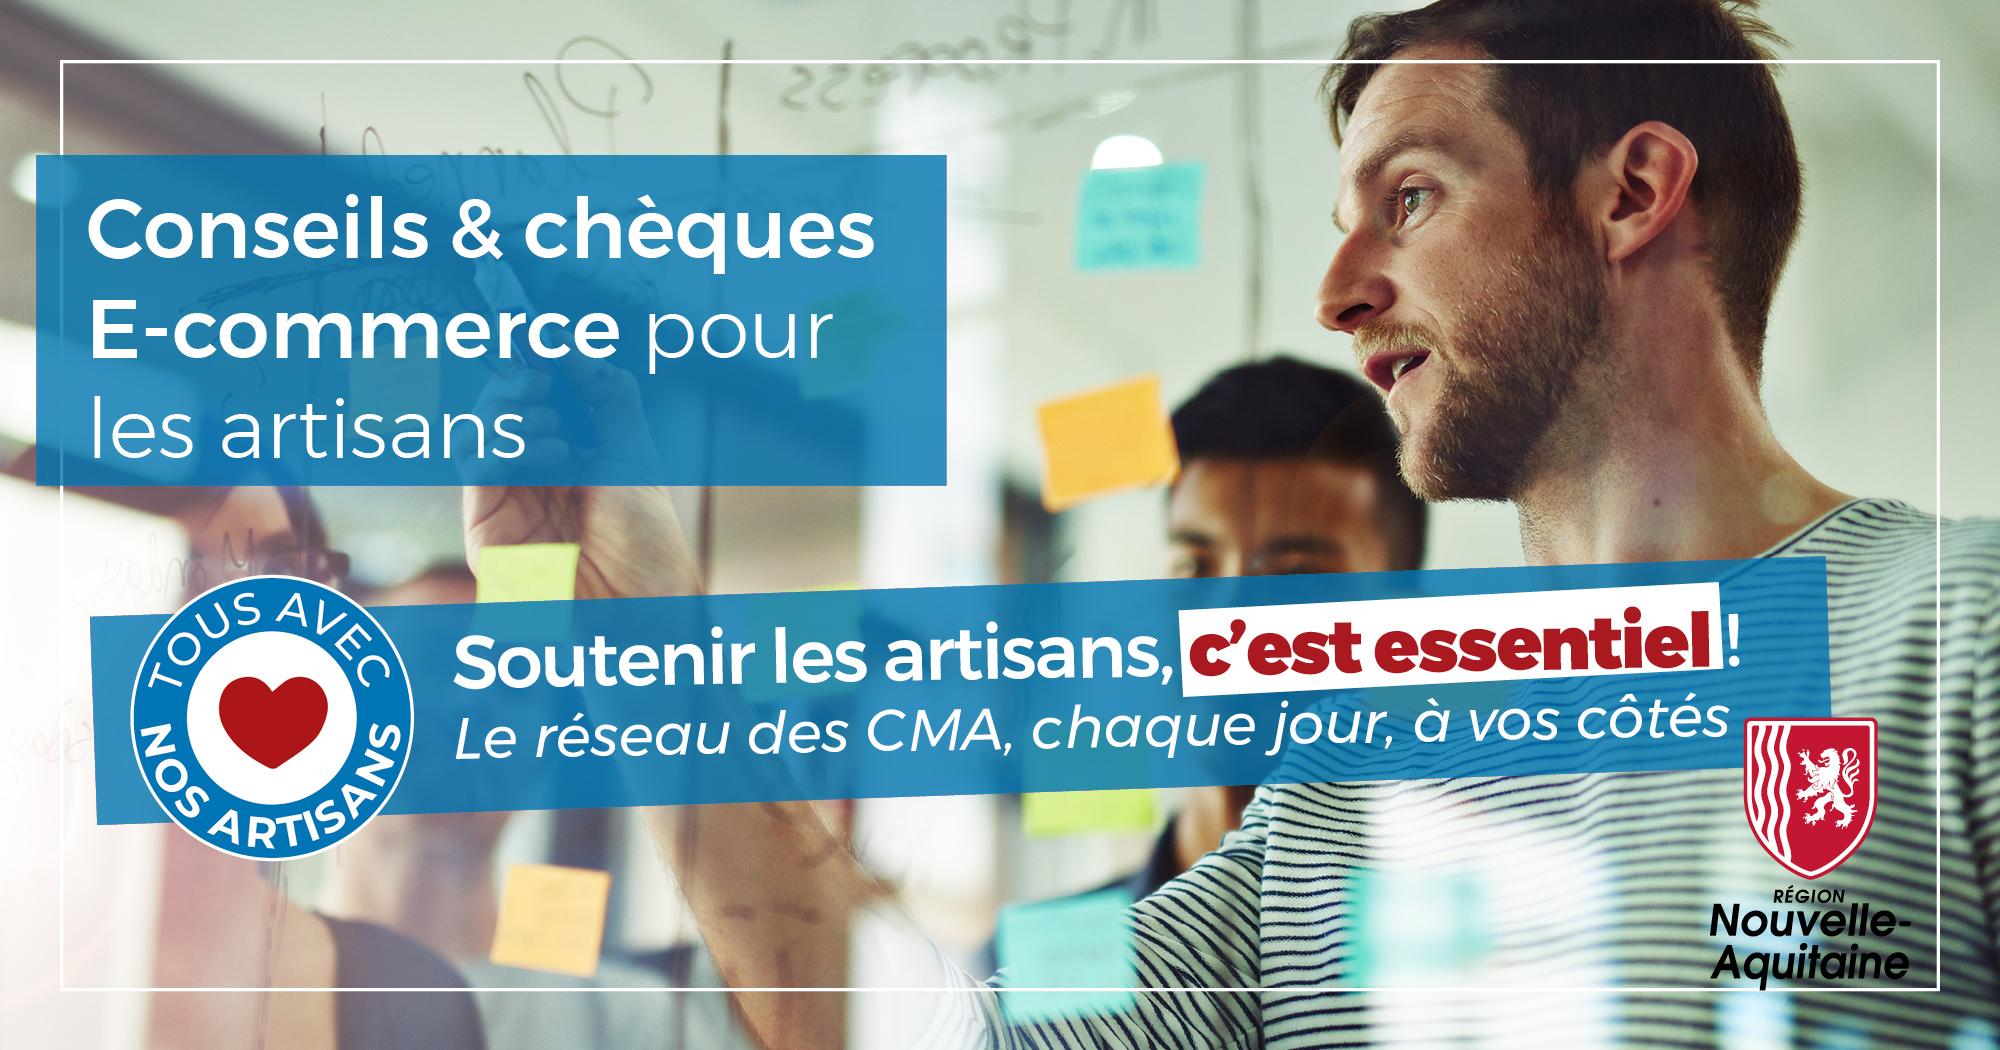 #COVID19 : conseils et chèques e-commerce pour les artisans de Nouvelle-Aquitaine